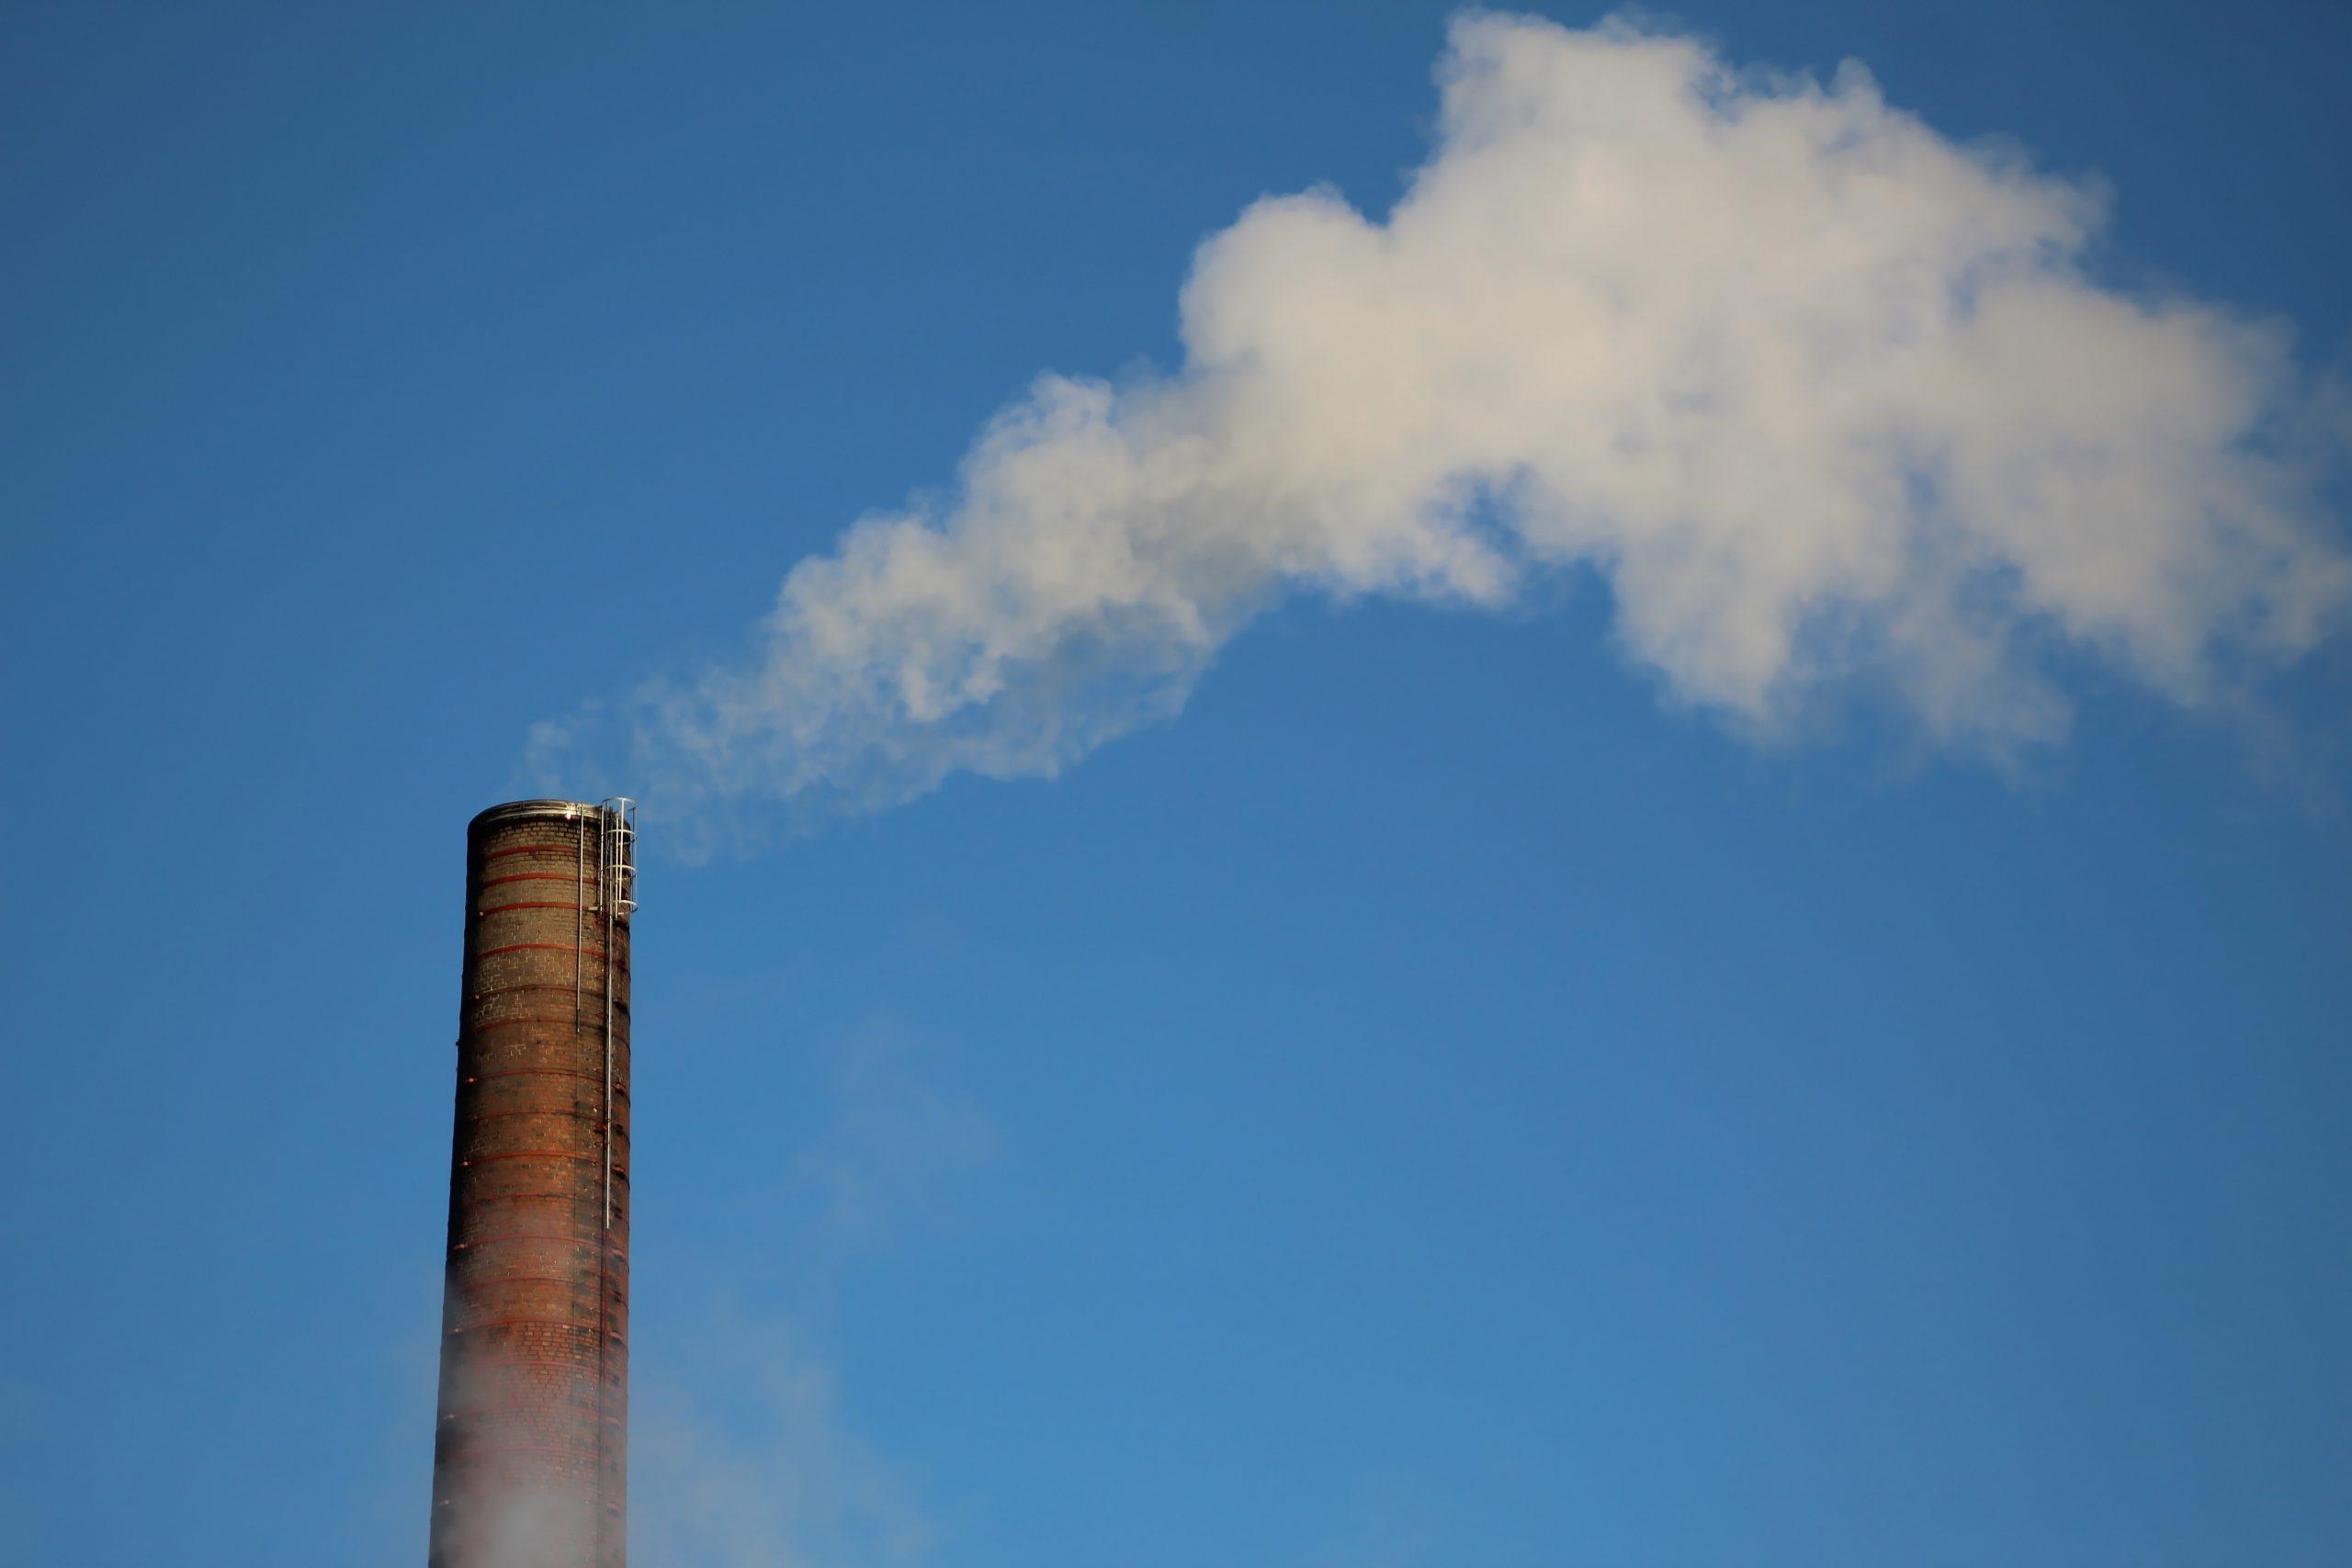 Níveis de gases de efeito estufa continuam a subir, apesar da pandemia